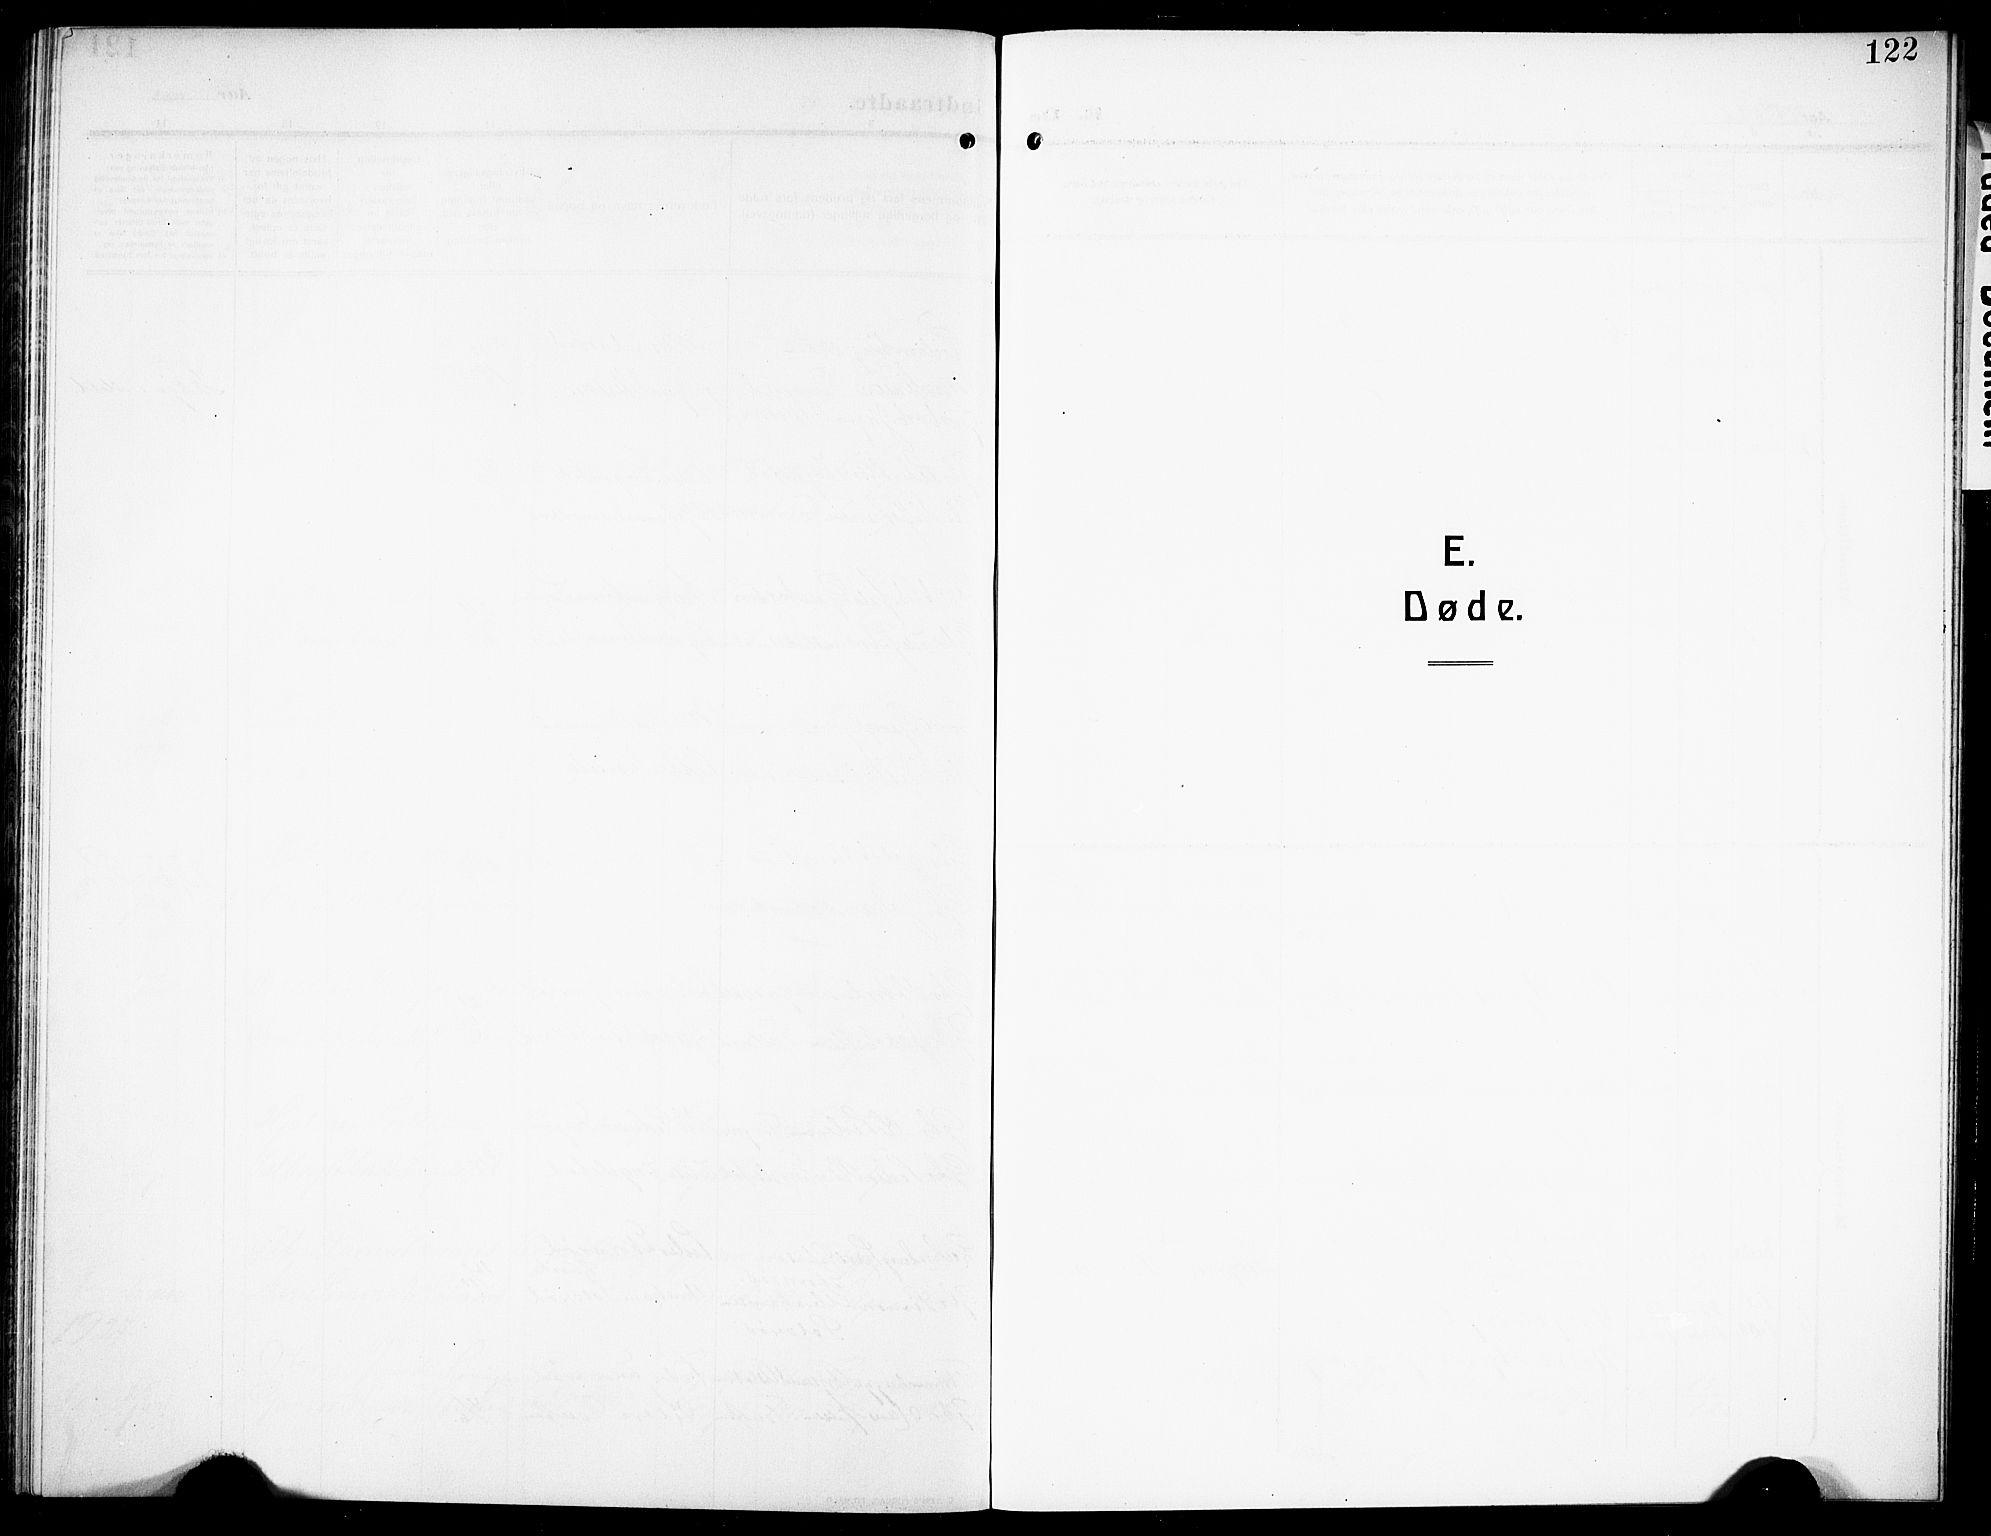 SAKO, Siljan kirkebøker, G/Ga/L0003: Klokkerbok nr. 3, 1909-1927, s. 122